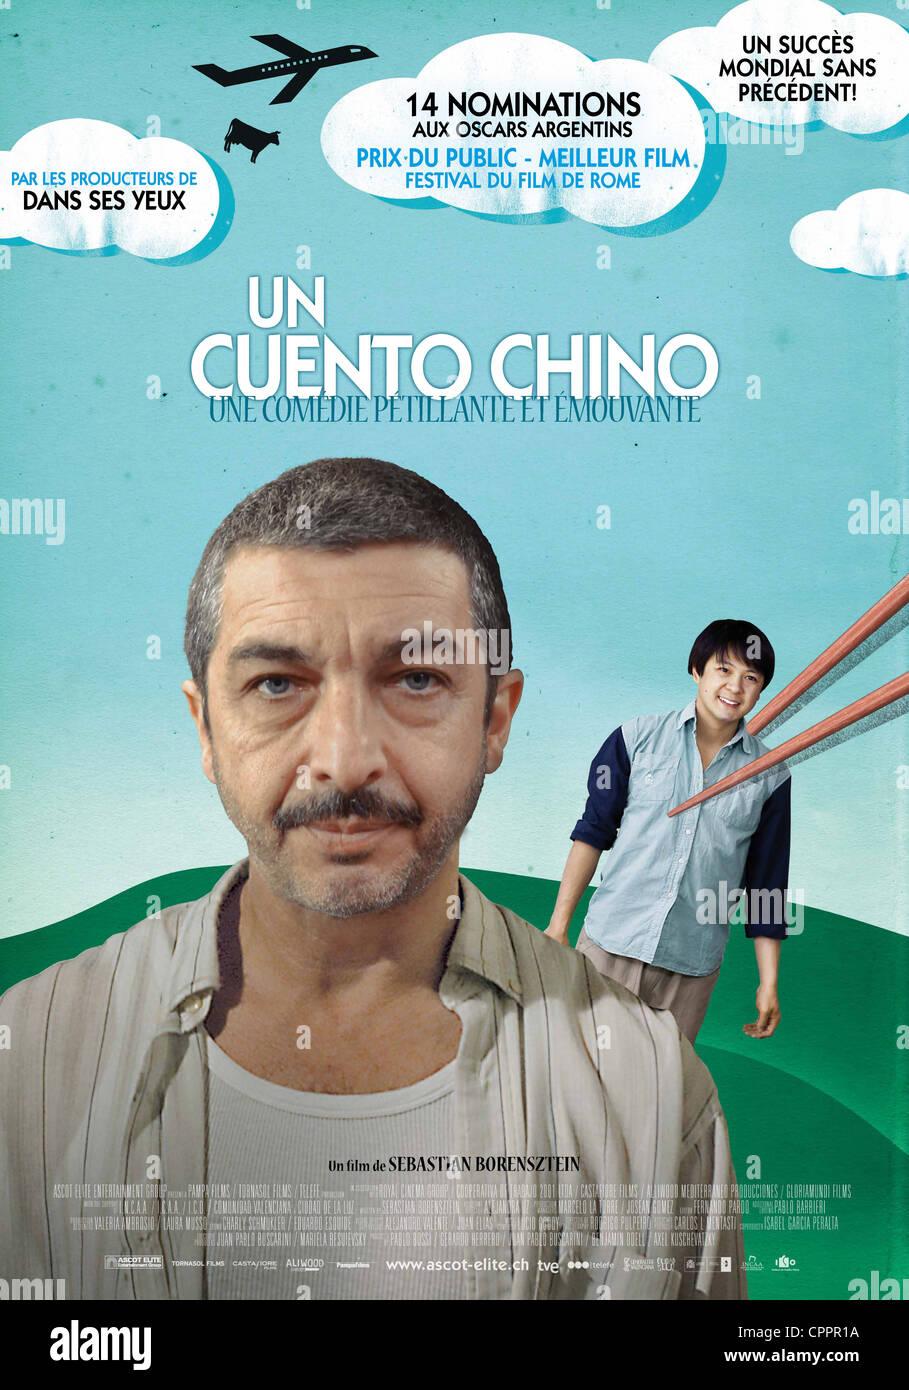 Un Cuento Chino - Stock Image